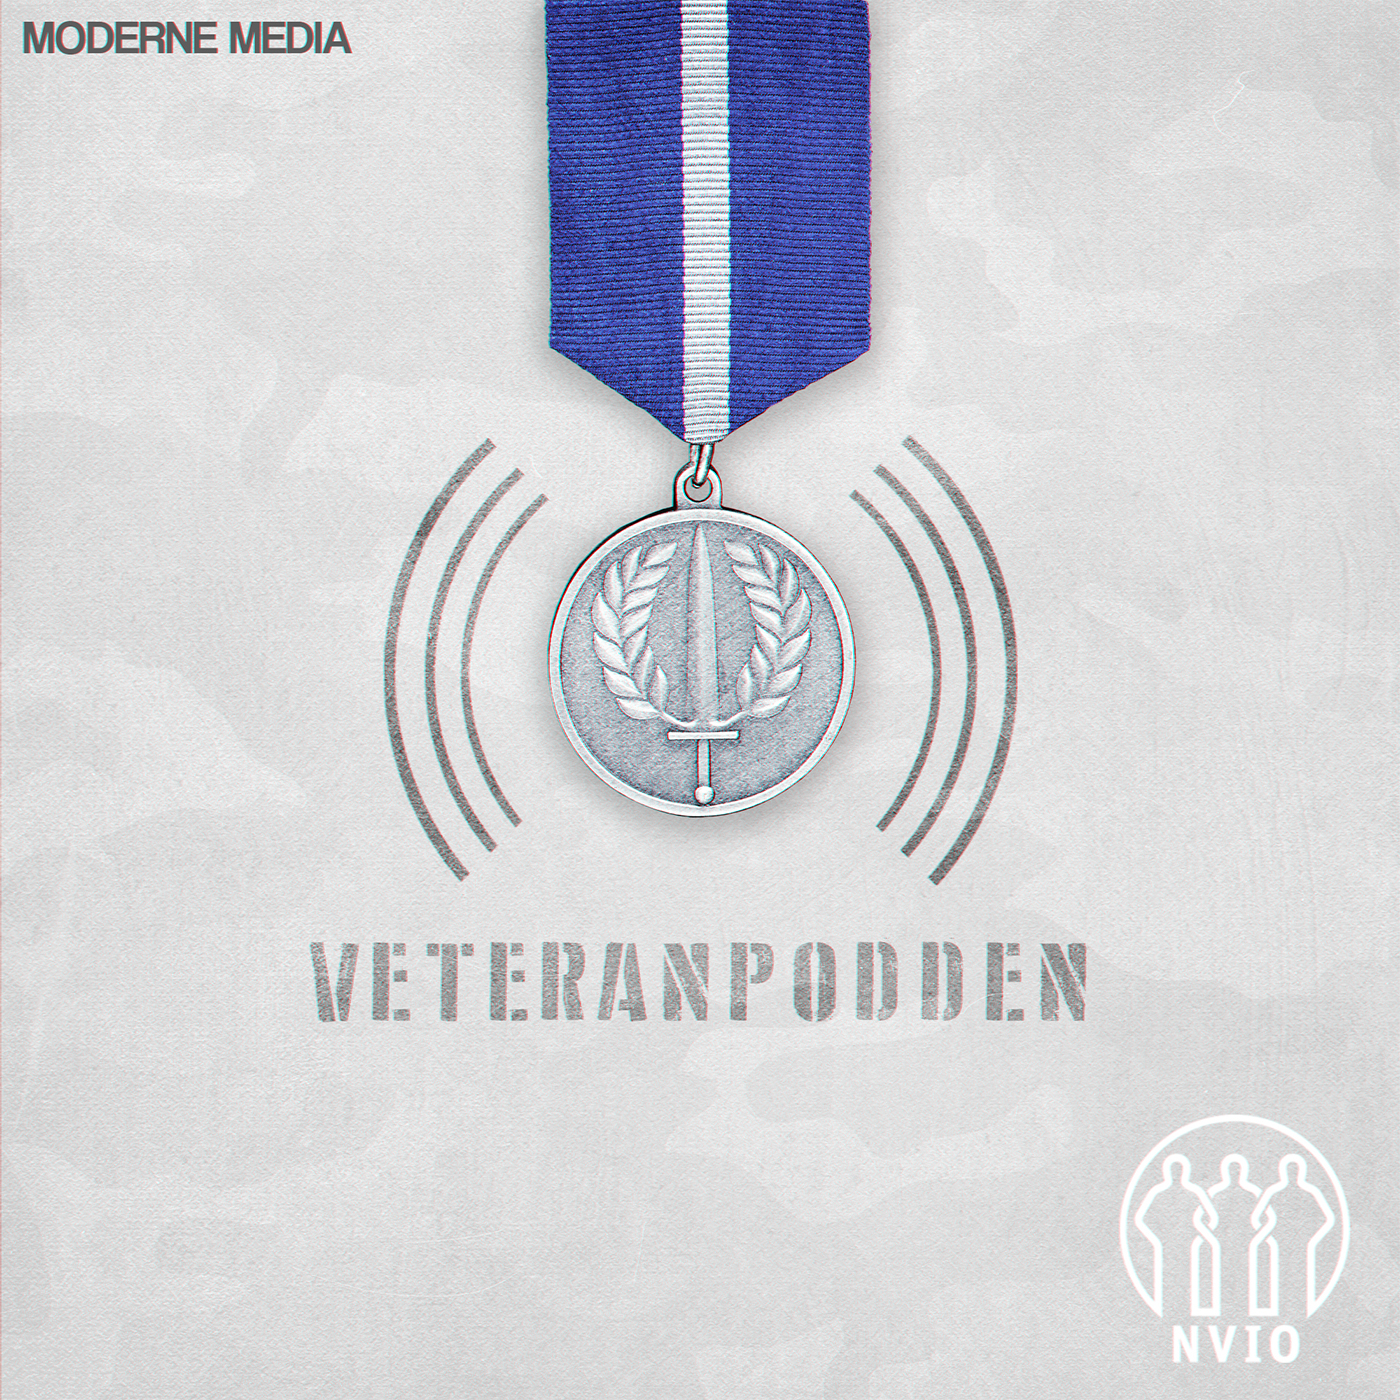 Veteranpodden FERDIG.jpg